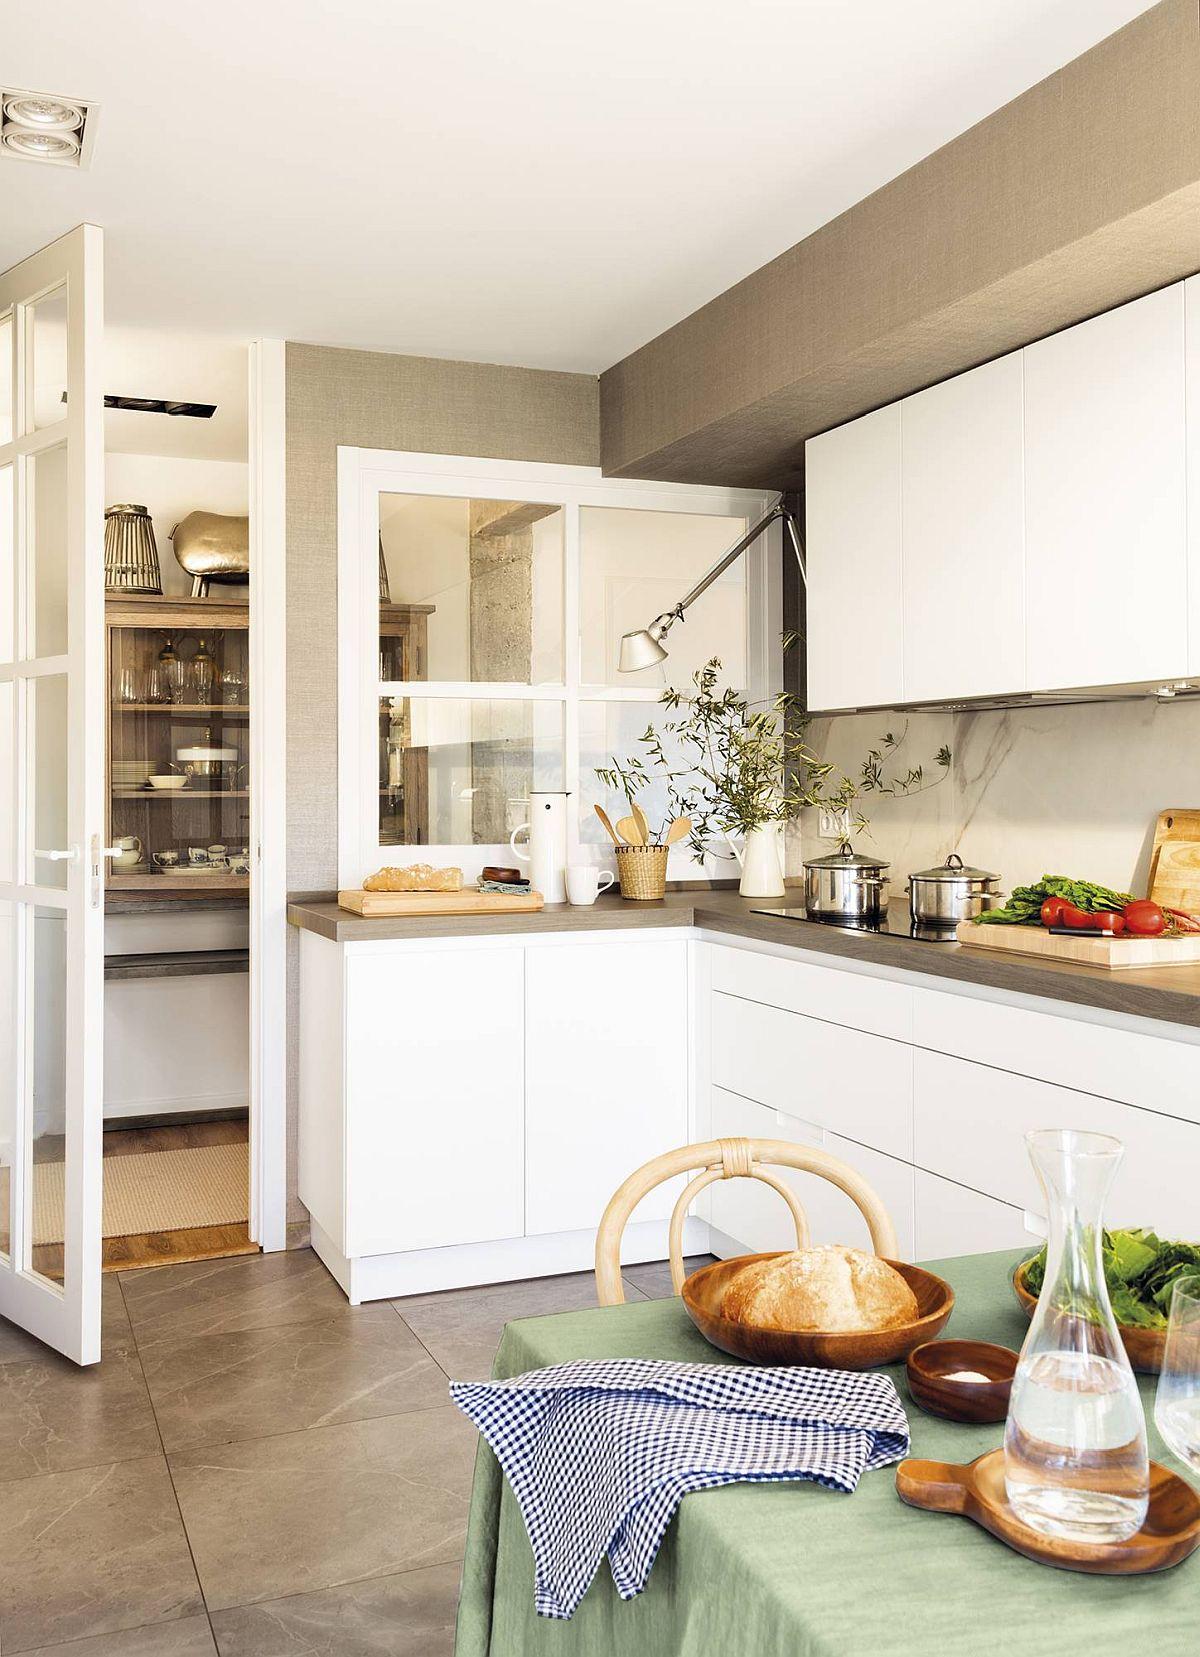 Deschiderea bucătăriei către hol dă impresia de spațiu mai mare în bucătărie. Separarea s-a făcut cu tîmplărie din lemn cu geamuri.